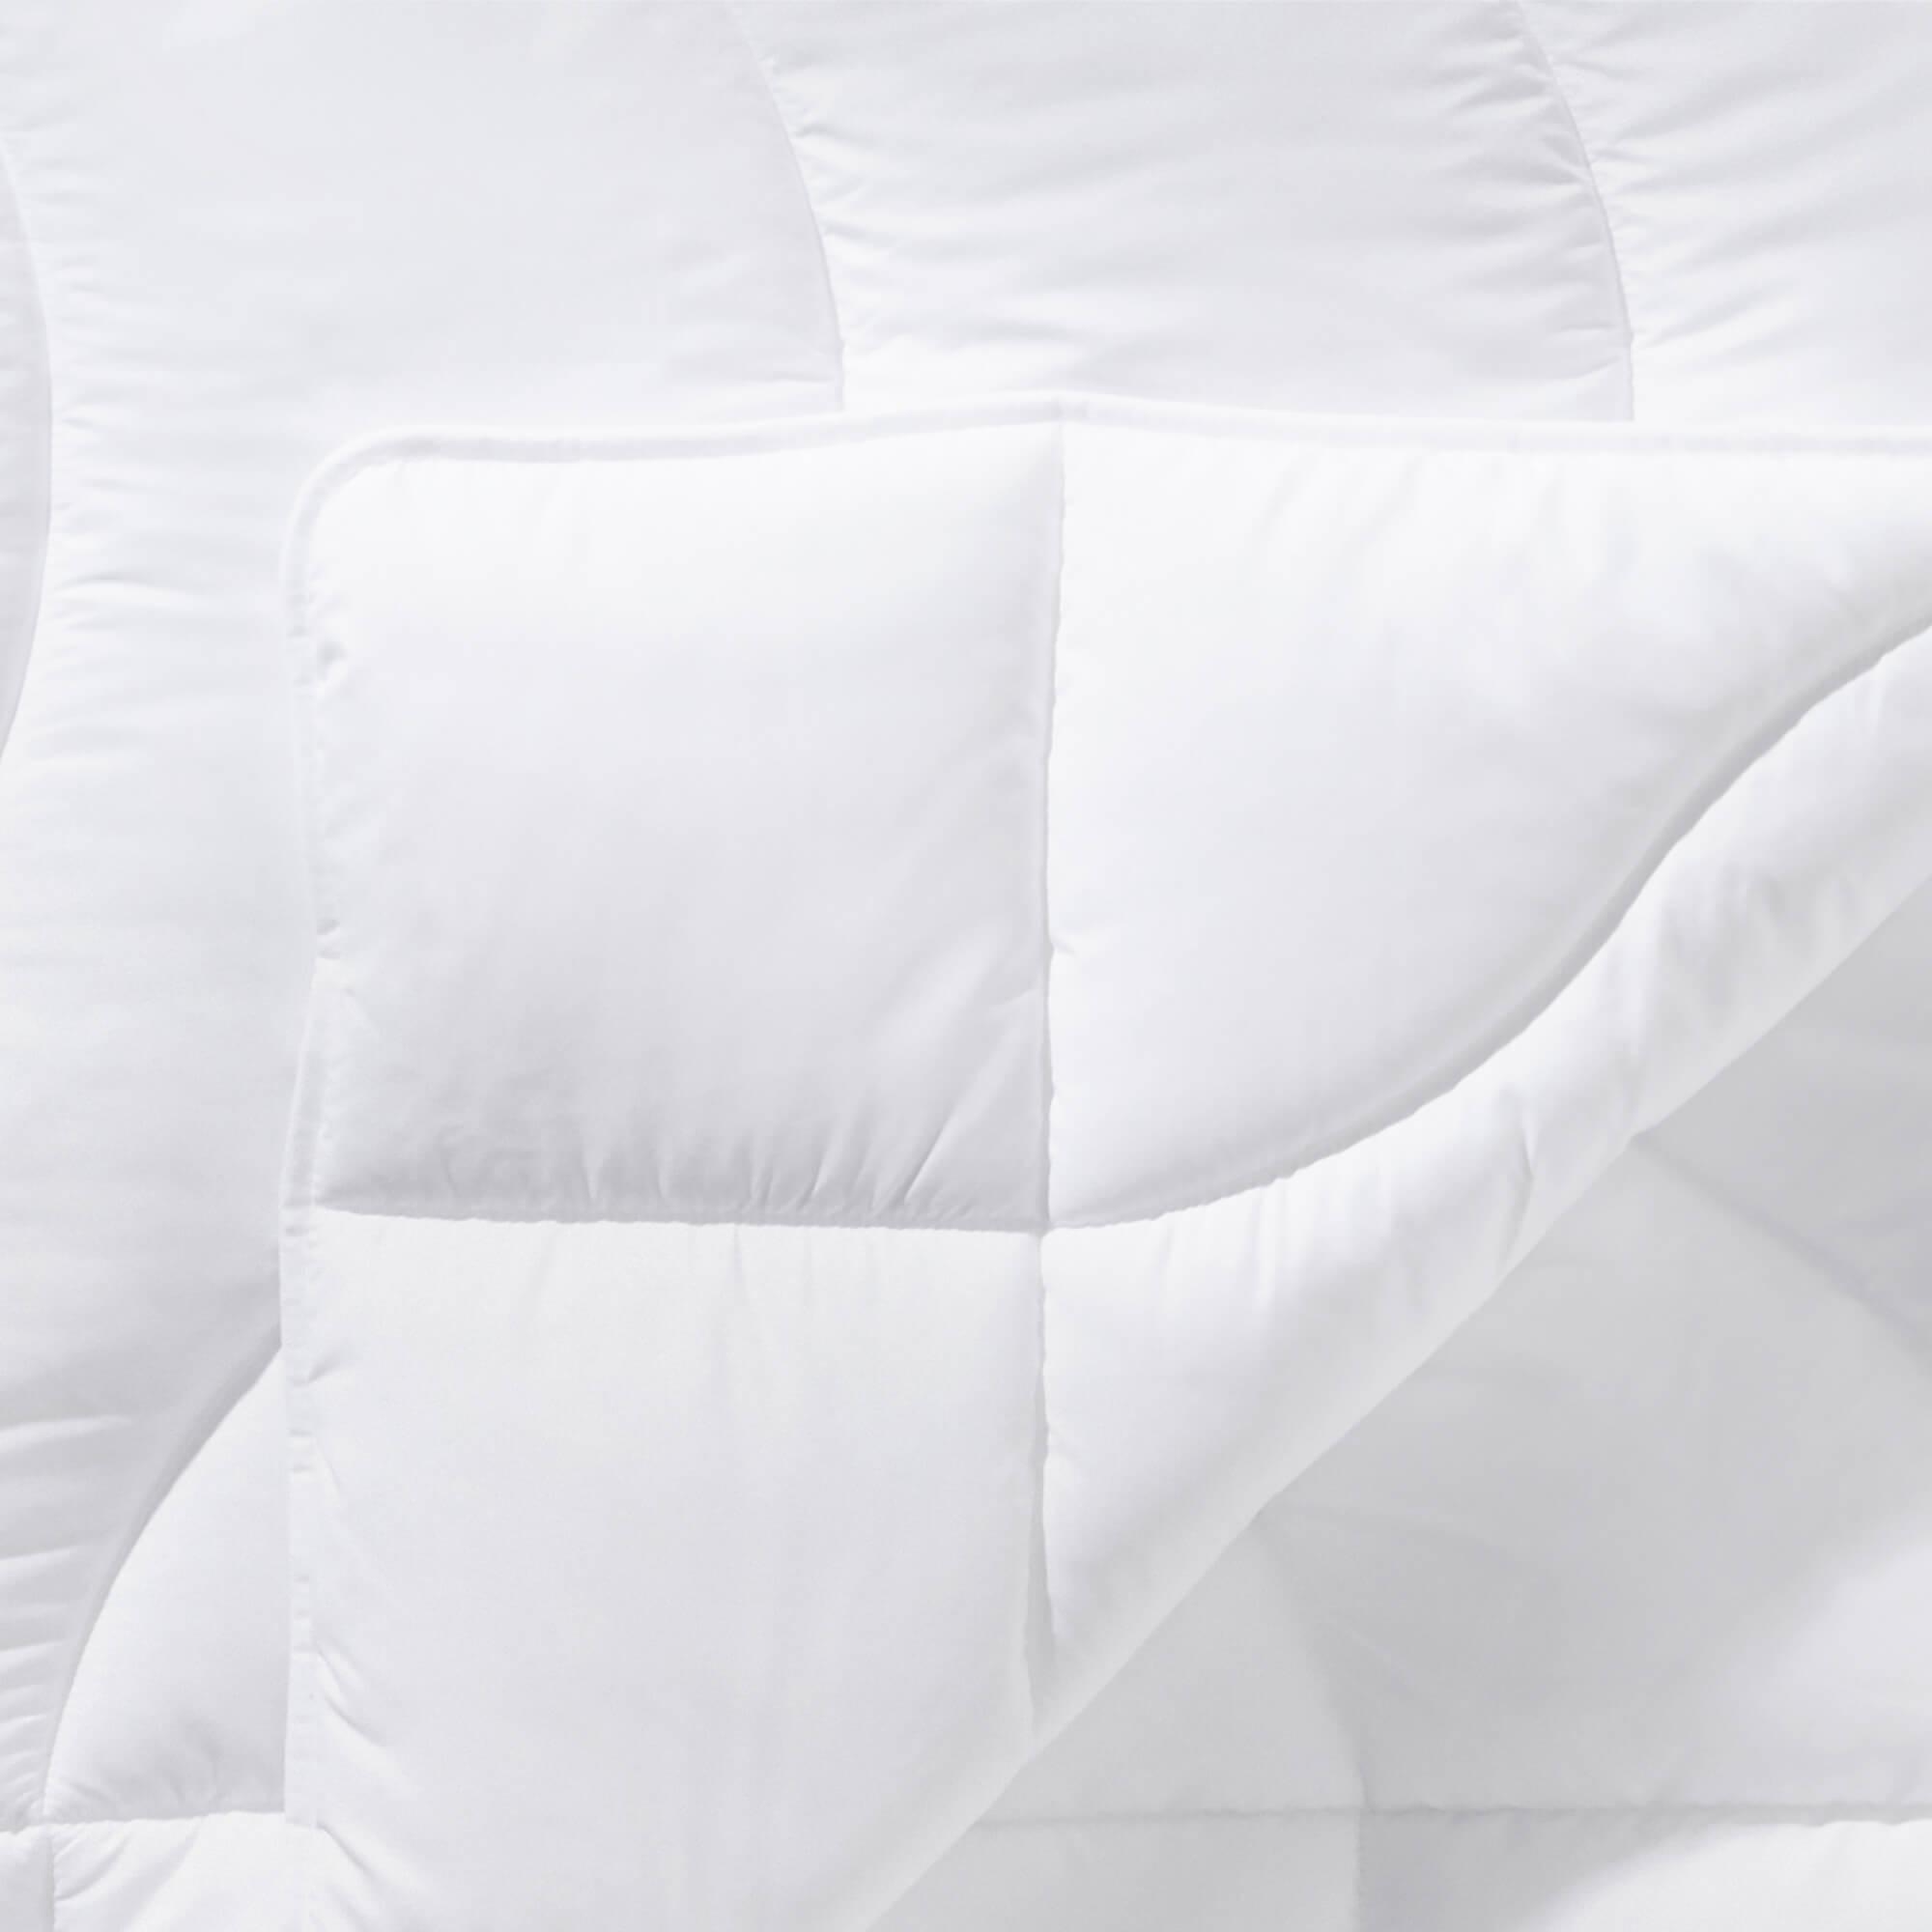 Faserdecke Pure Sommerbettdecke schlafgut 135x200cm